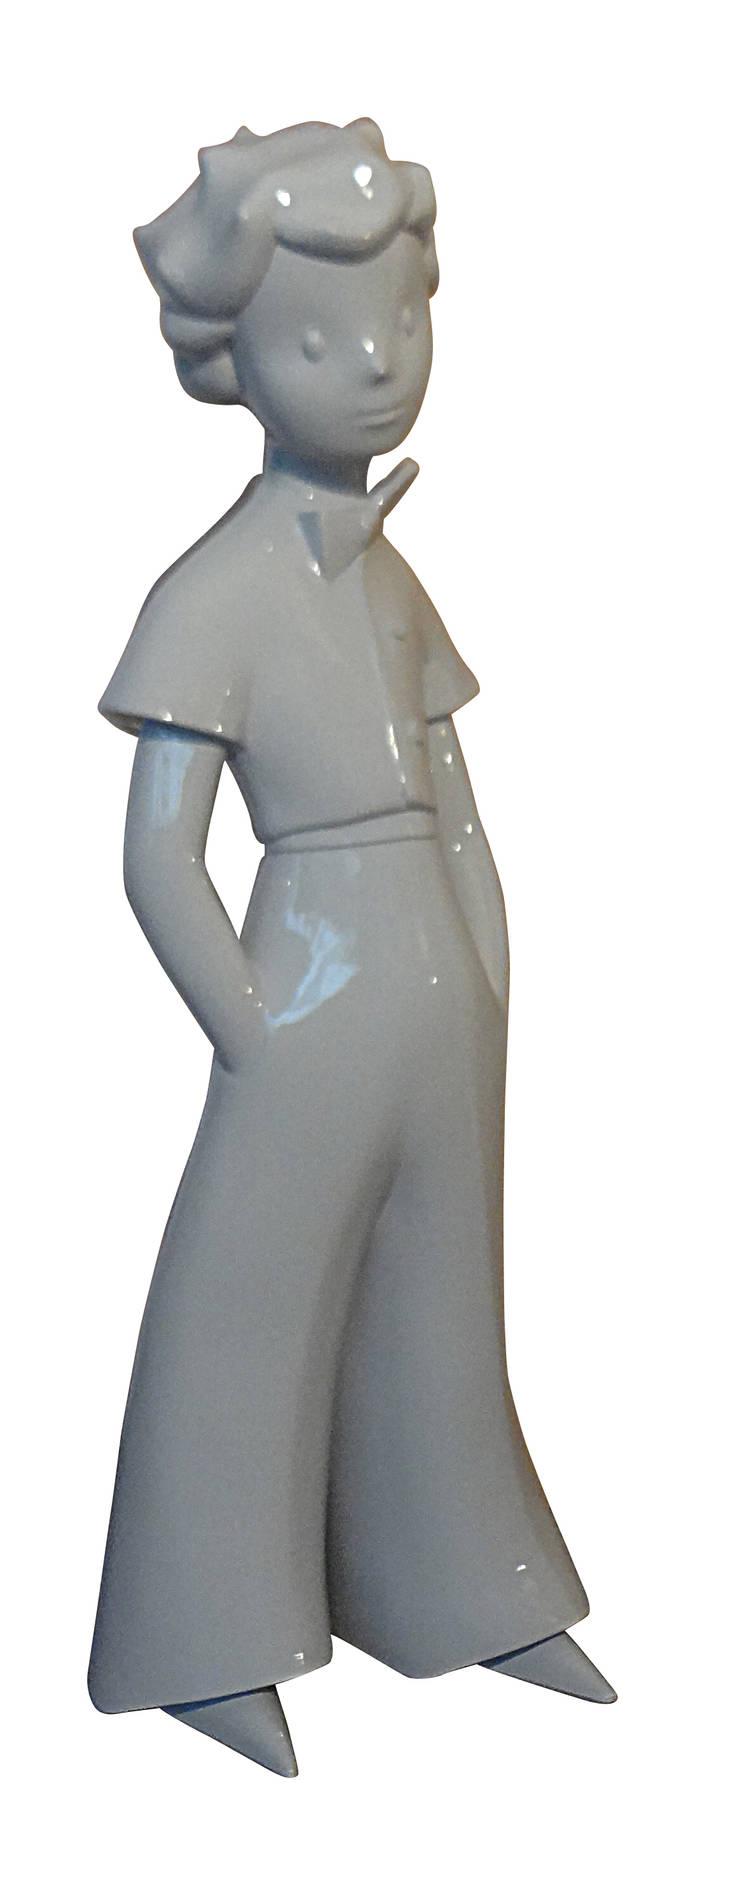 Sculptures déco design Le Petit Prince: Maison de style  par sophie.baron